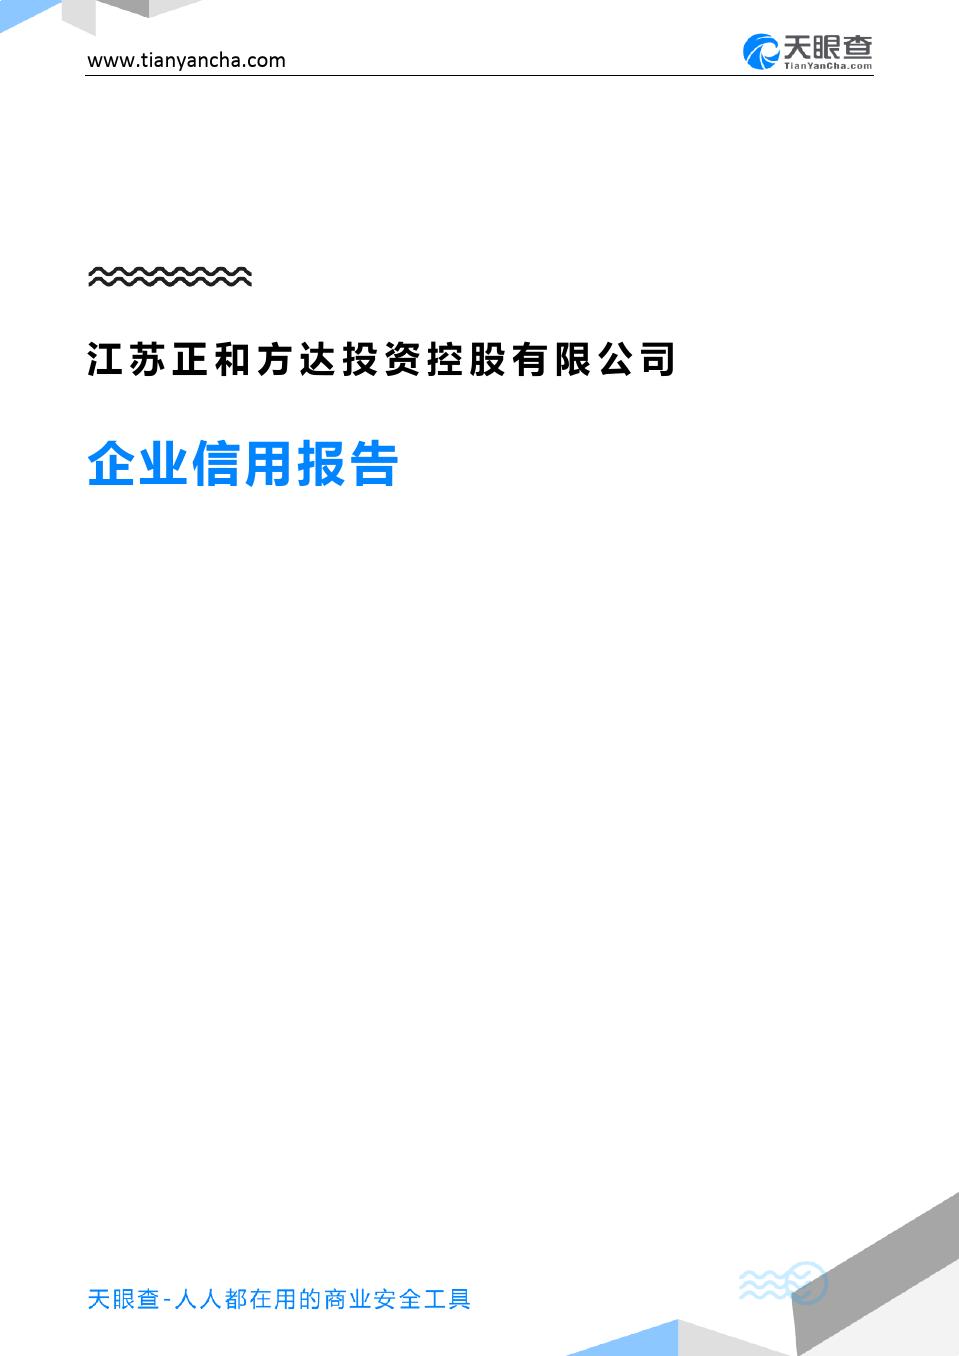 江苏正和方达投资控股有限公司(企业信用报告)- 天眼查